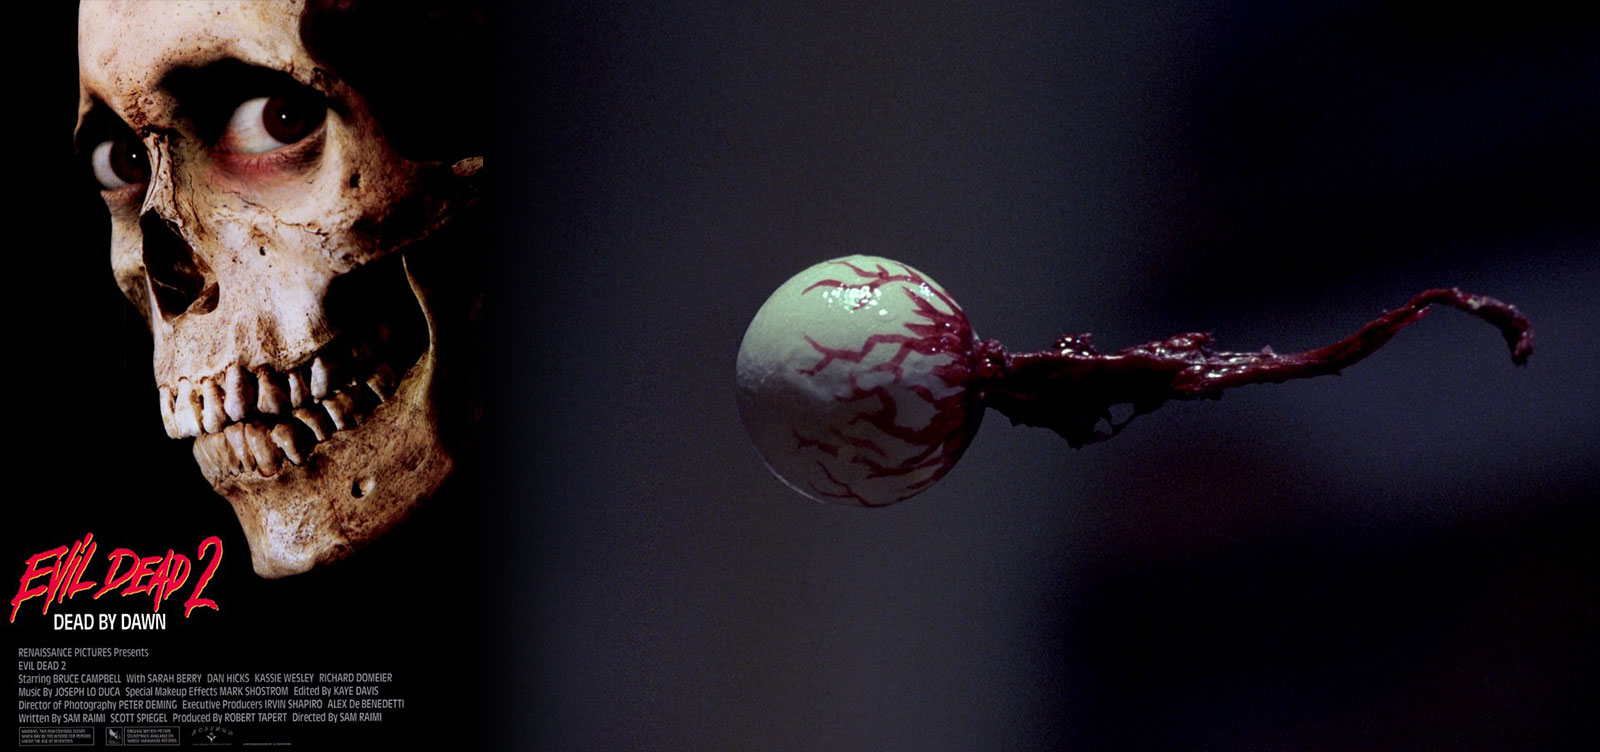 Eye_popping_Evil_dead2_Review_Images_V01